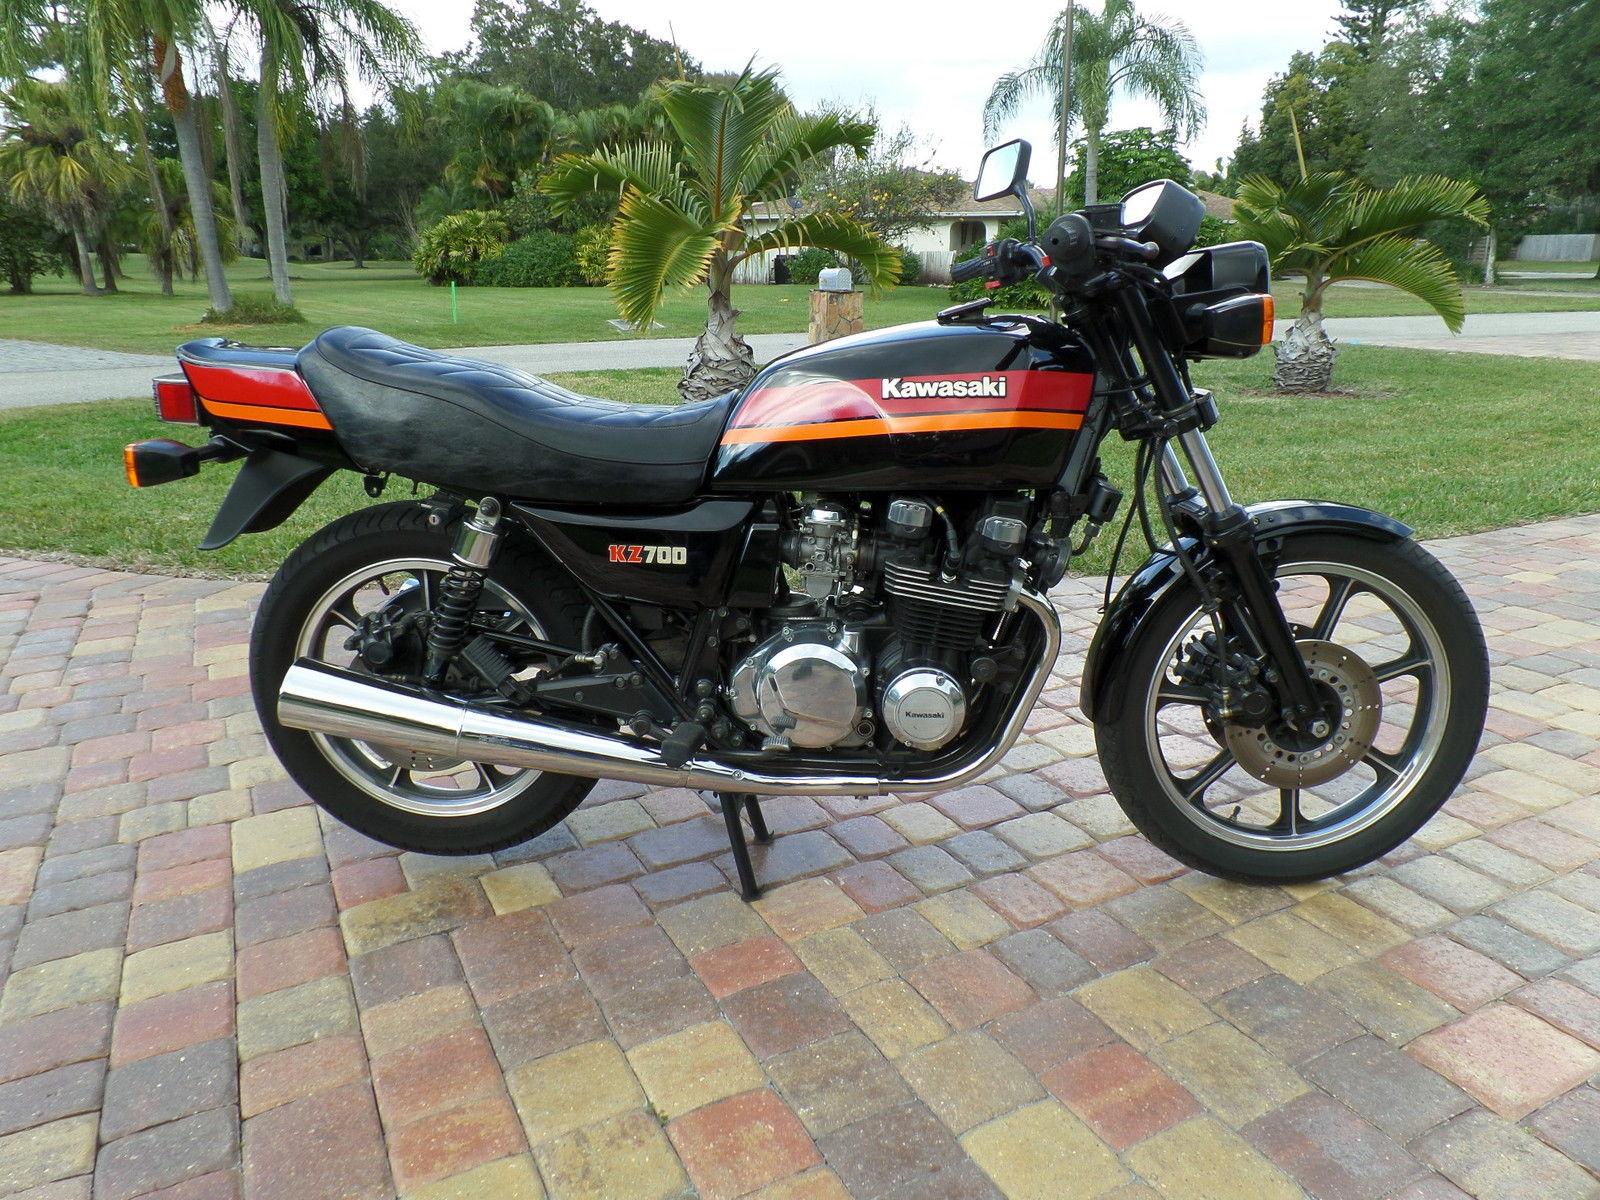 1984 kawasaki kz700 bike urious rh bike urious com Kawasaki KZ700 Black Kawasaki KZ700 Tracker